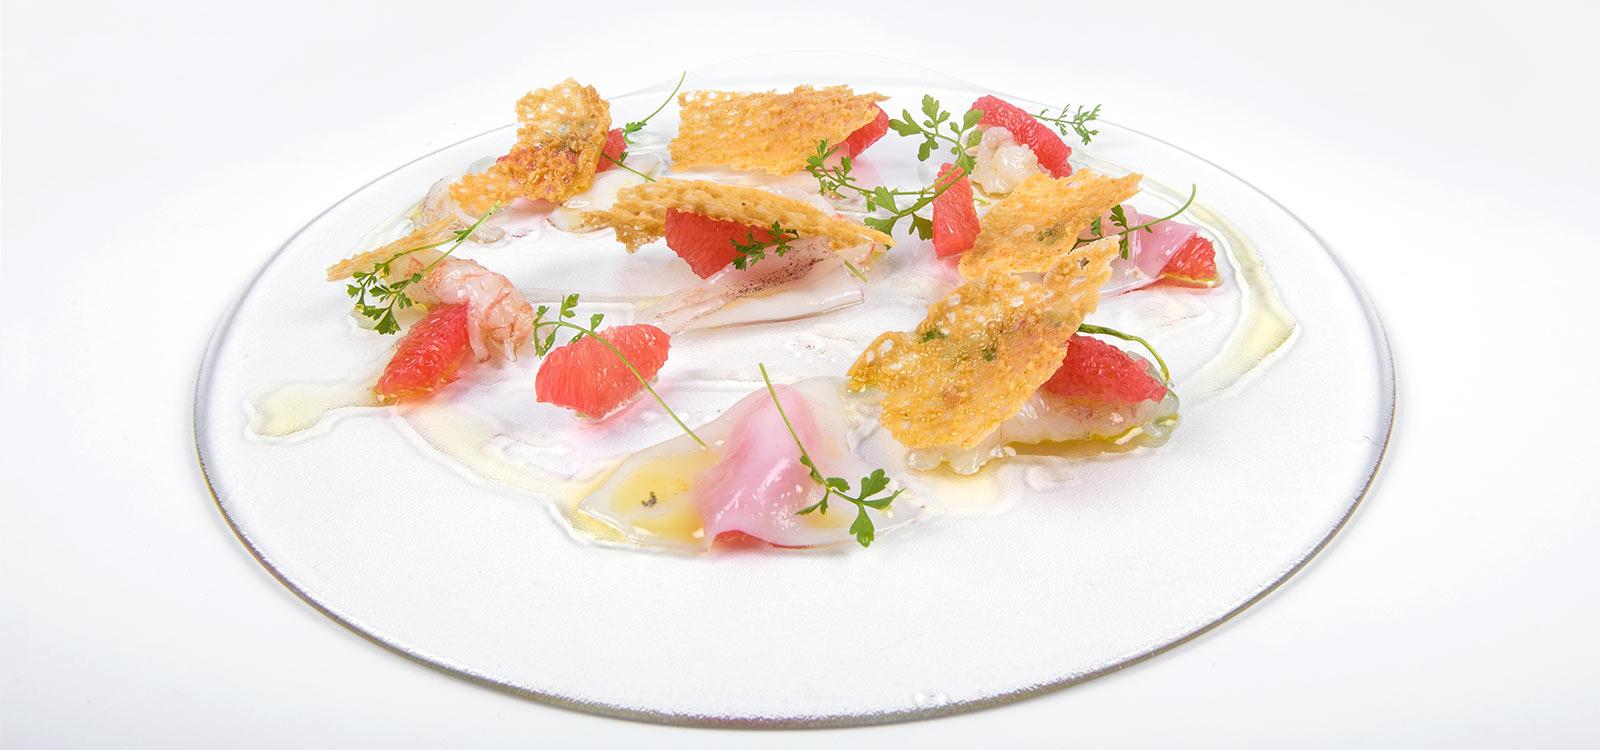 Crudo di pesce l'Enoteca Macerata